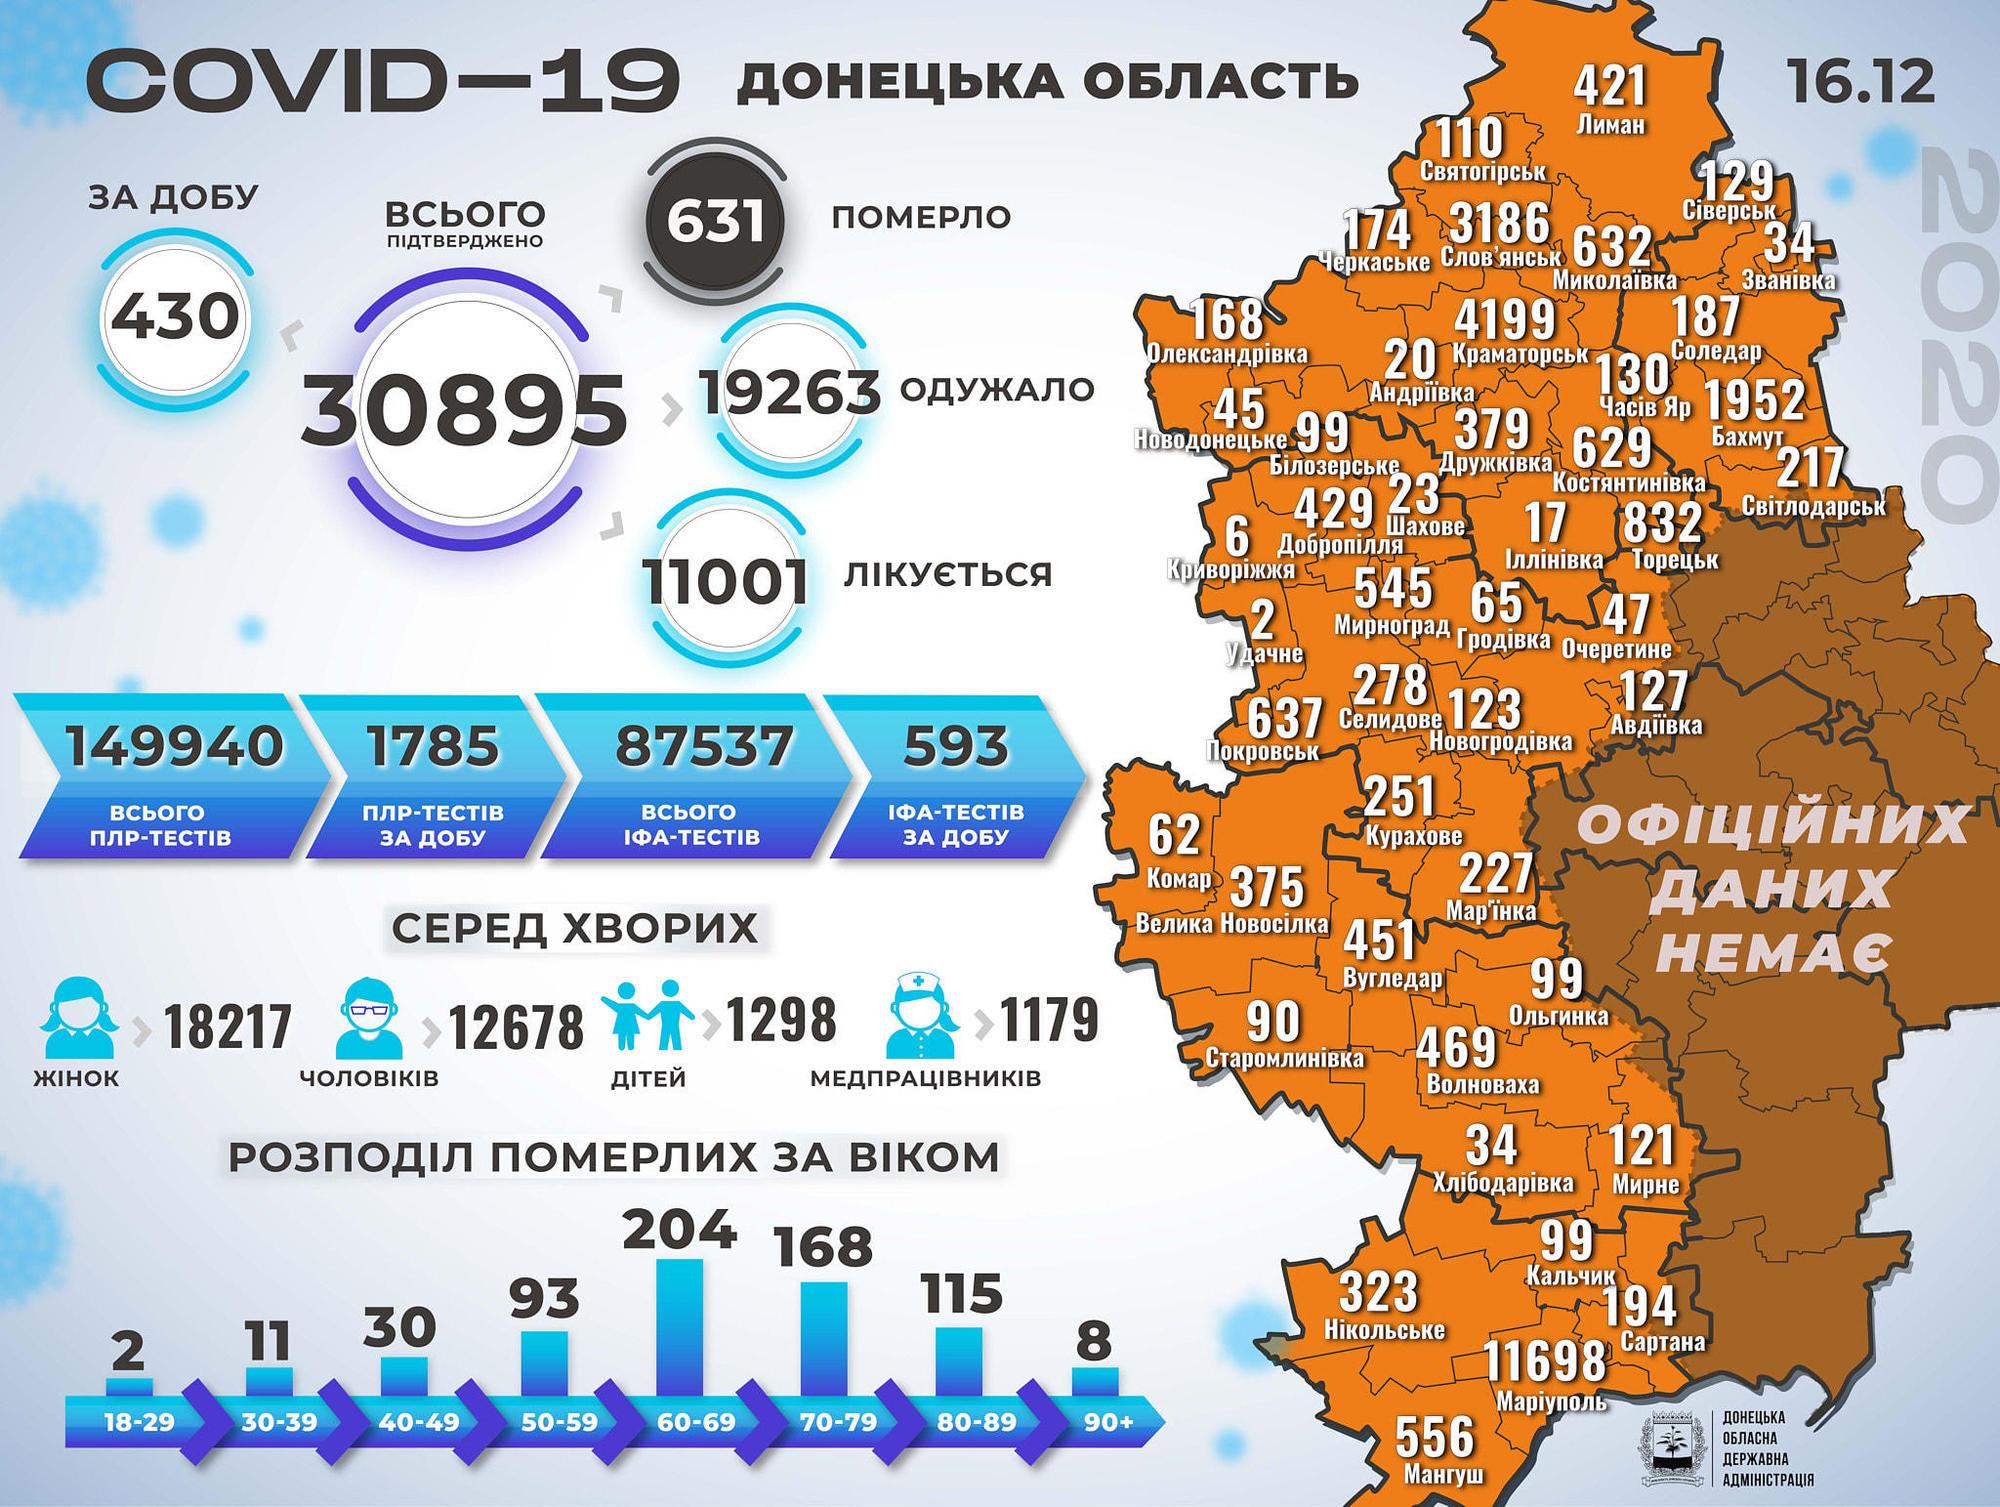 коронавирусная болезнь в подконтрольной Донецкой области на 17 декабря